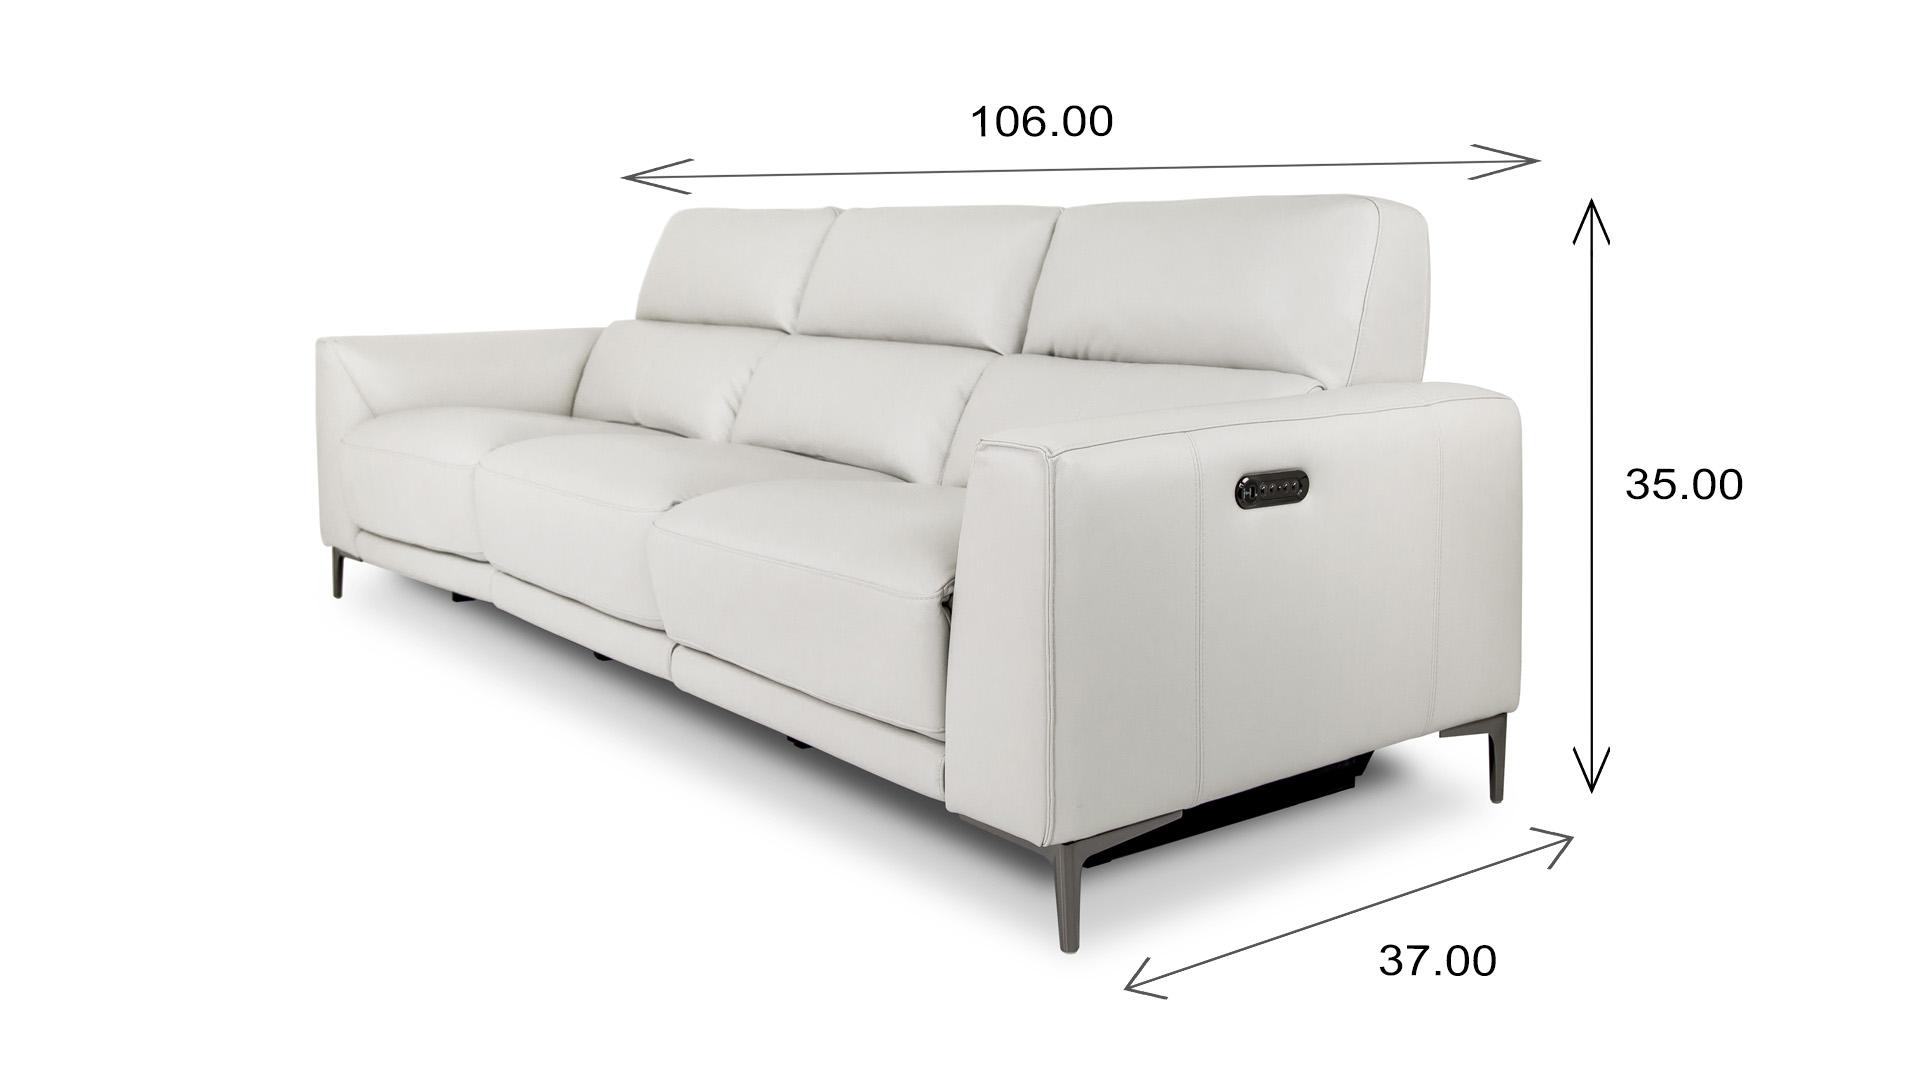 Phillip Large Sofa Dimensions